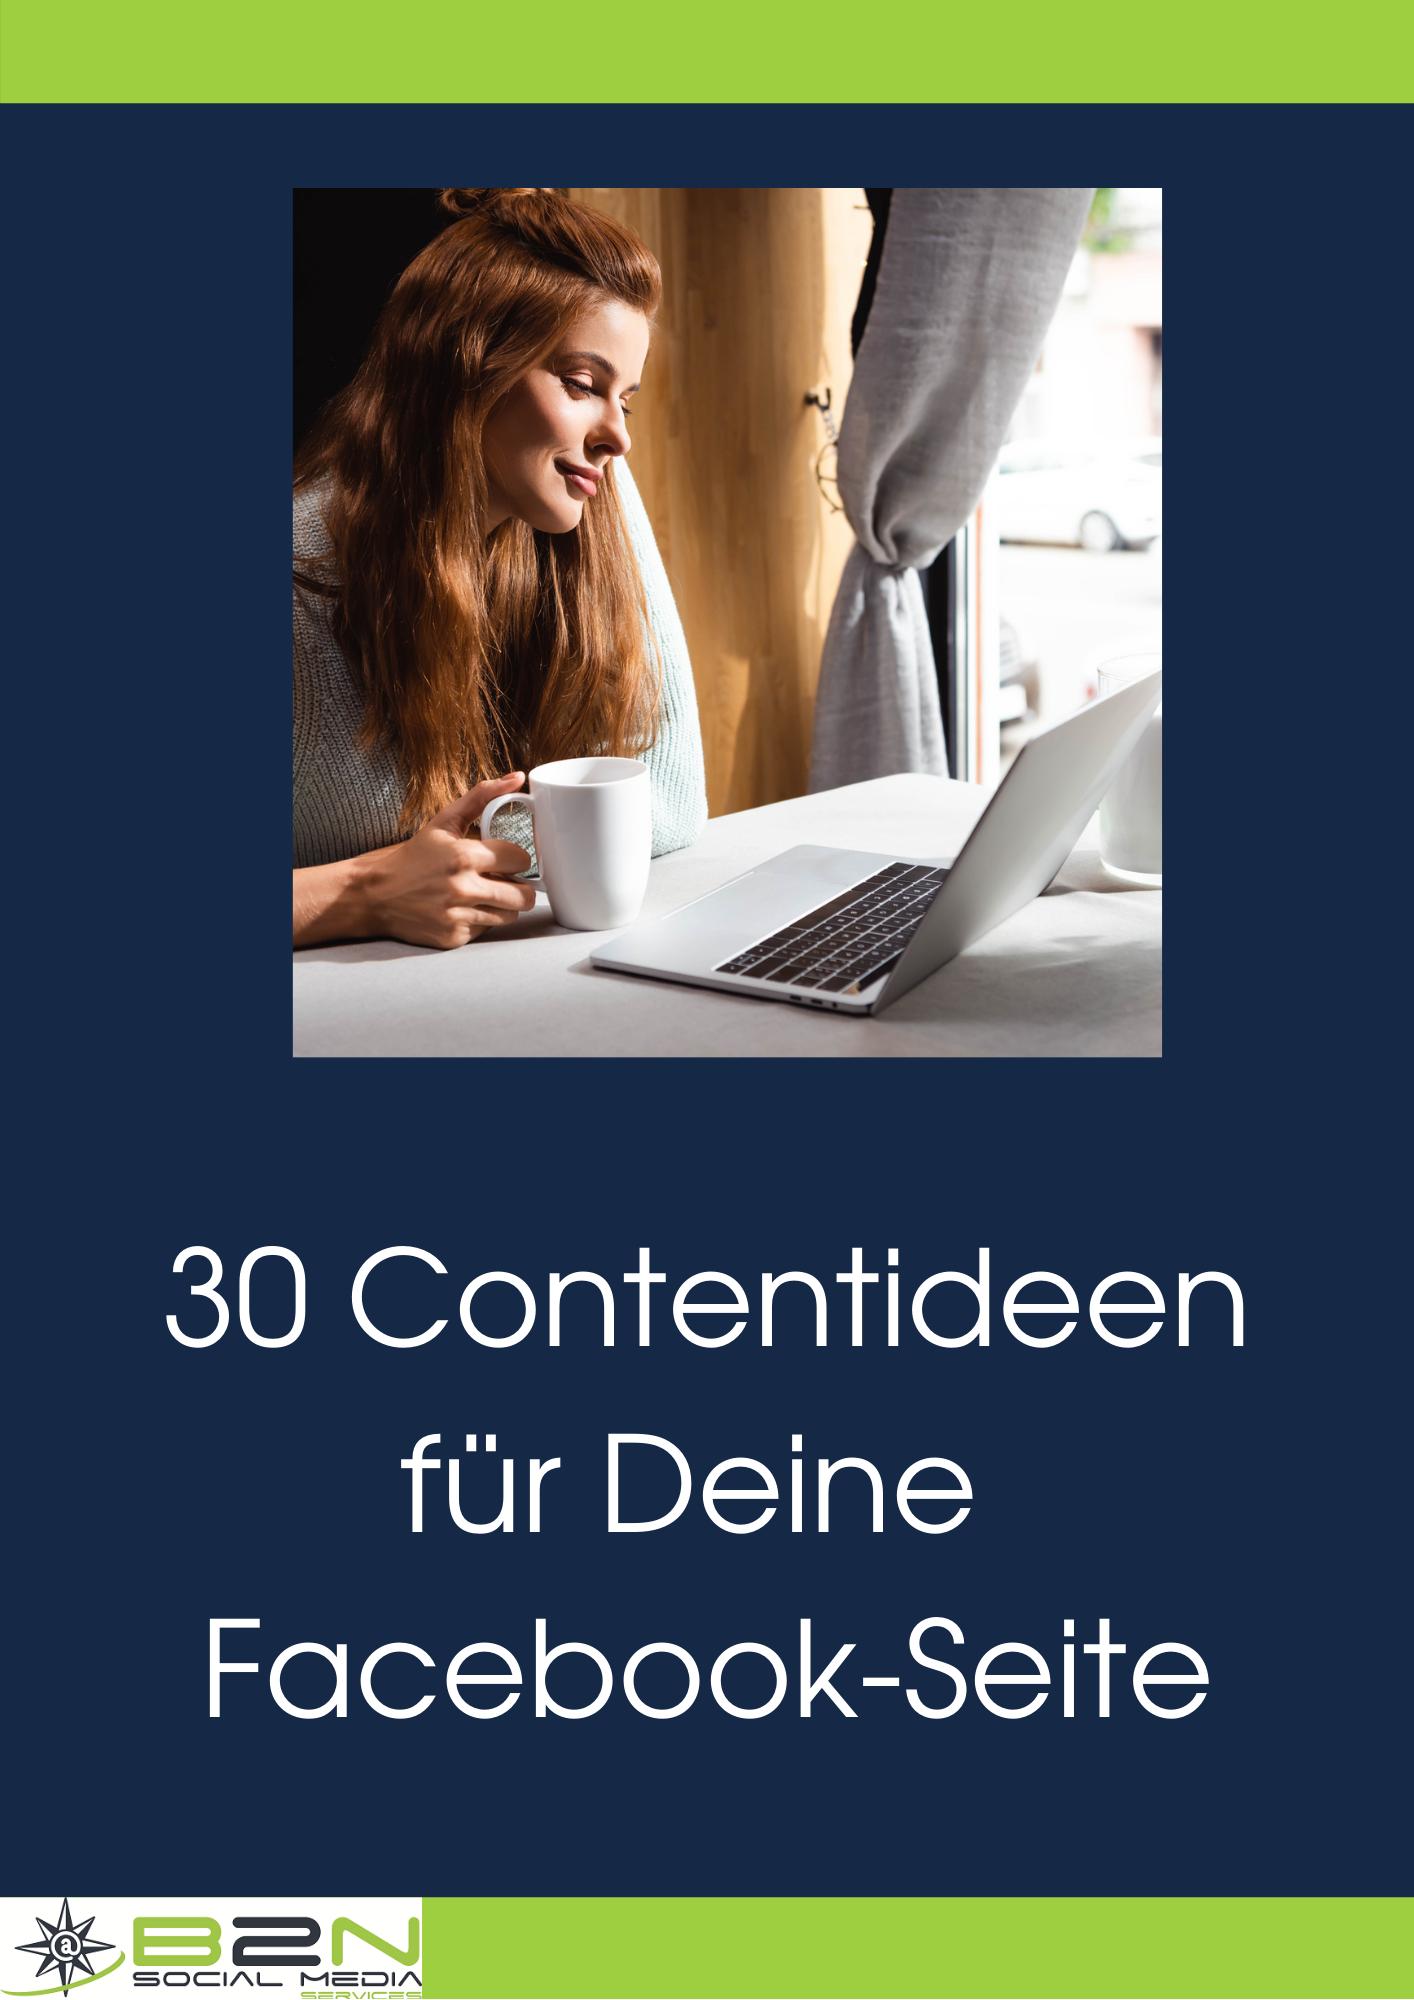 30 Contentideen für Facebook